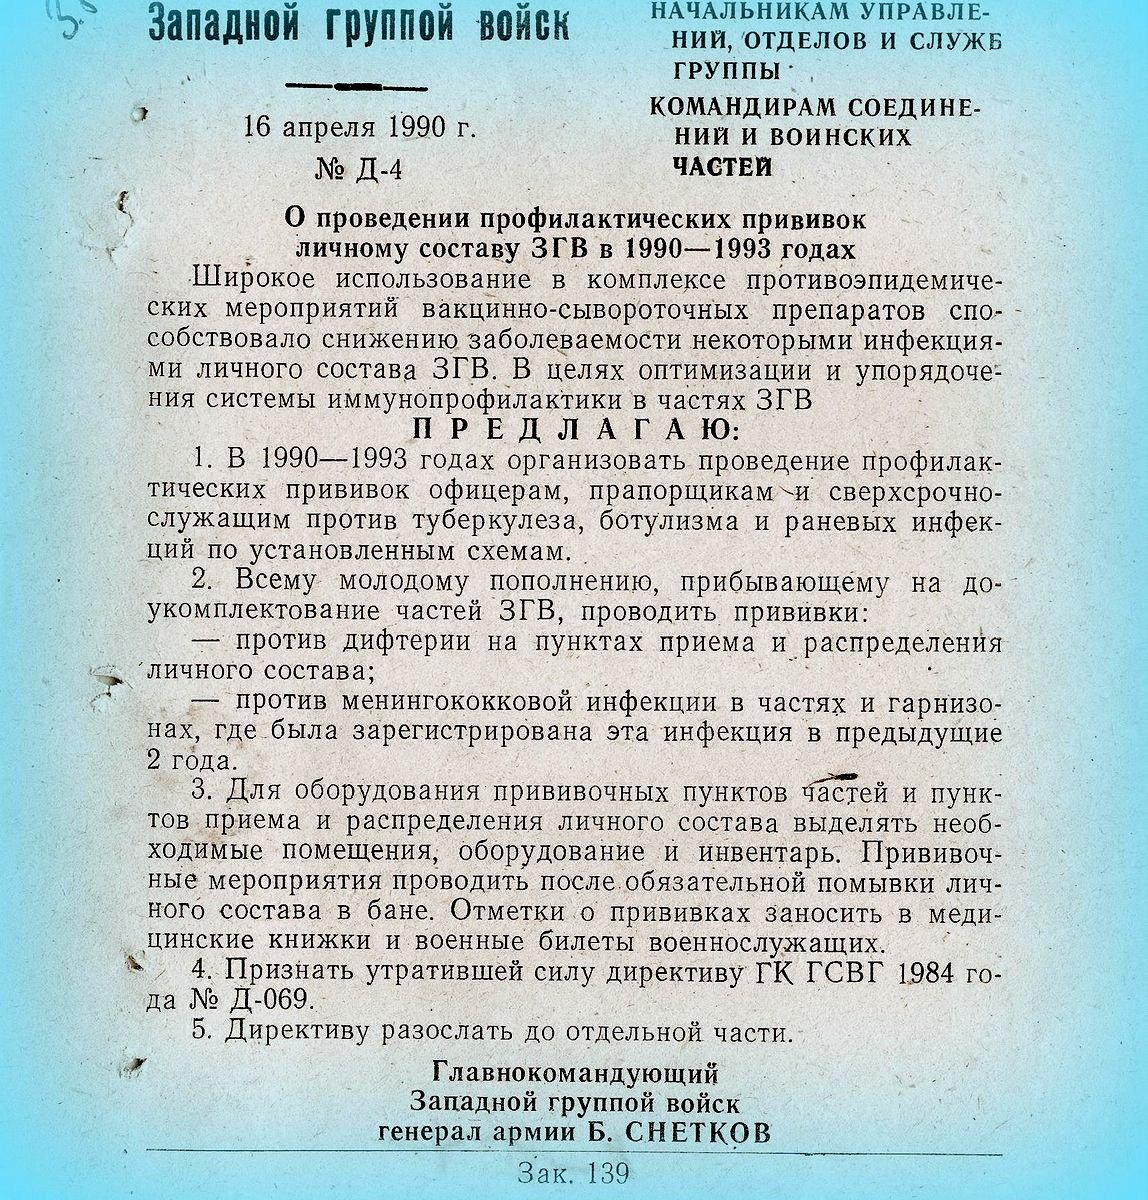 https://st0.forum4.ru/uploads/0009/6c/04/1355/451458.jpg